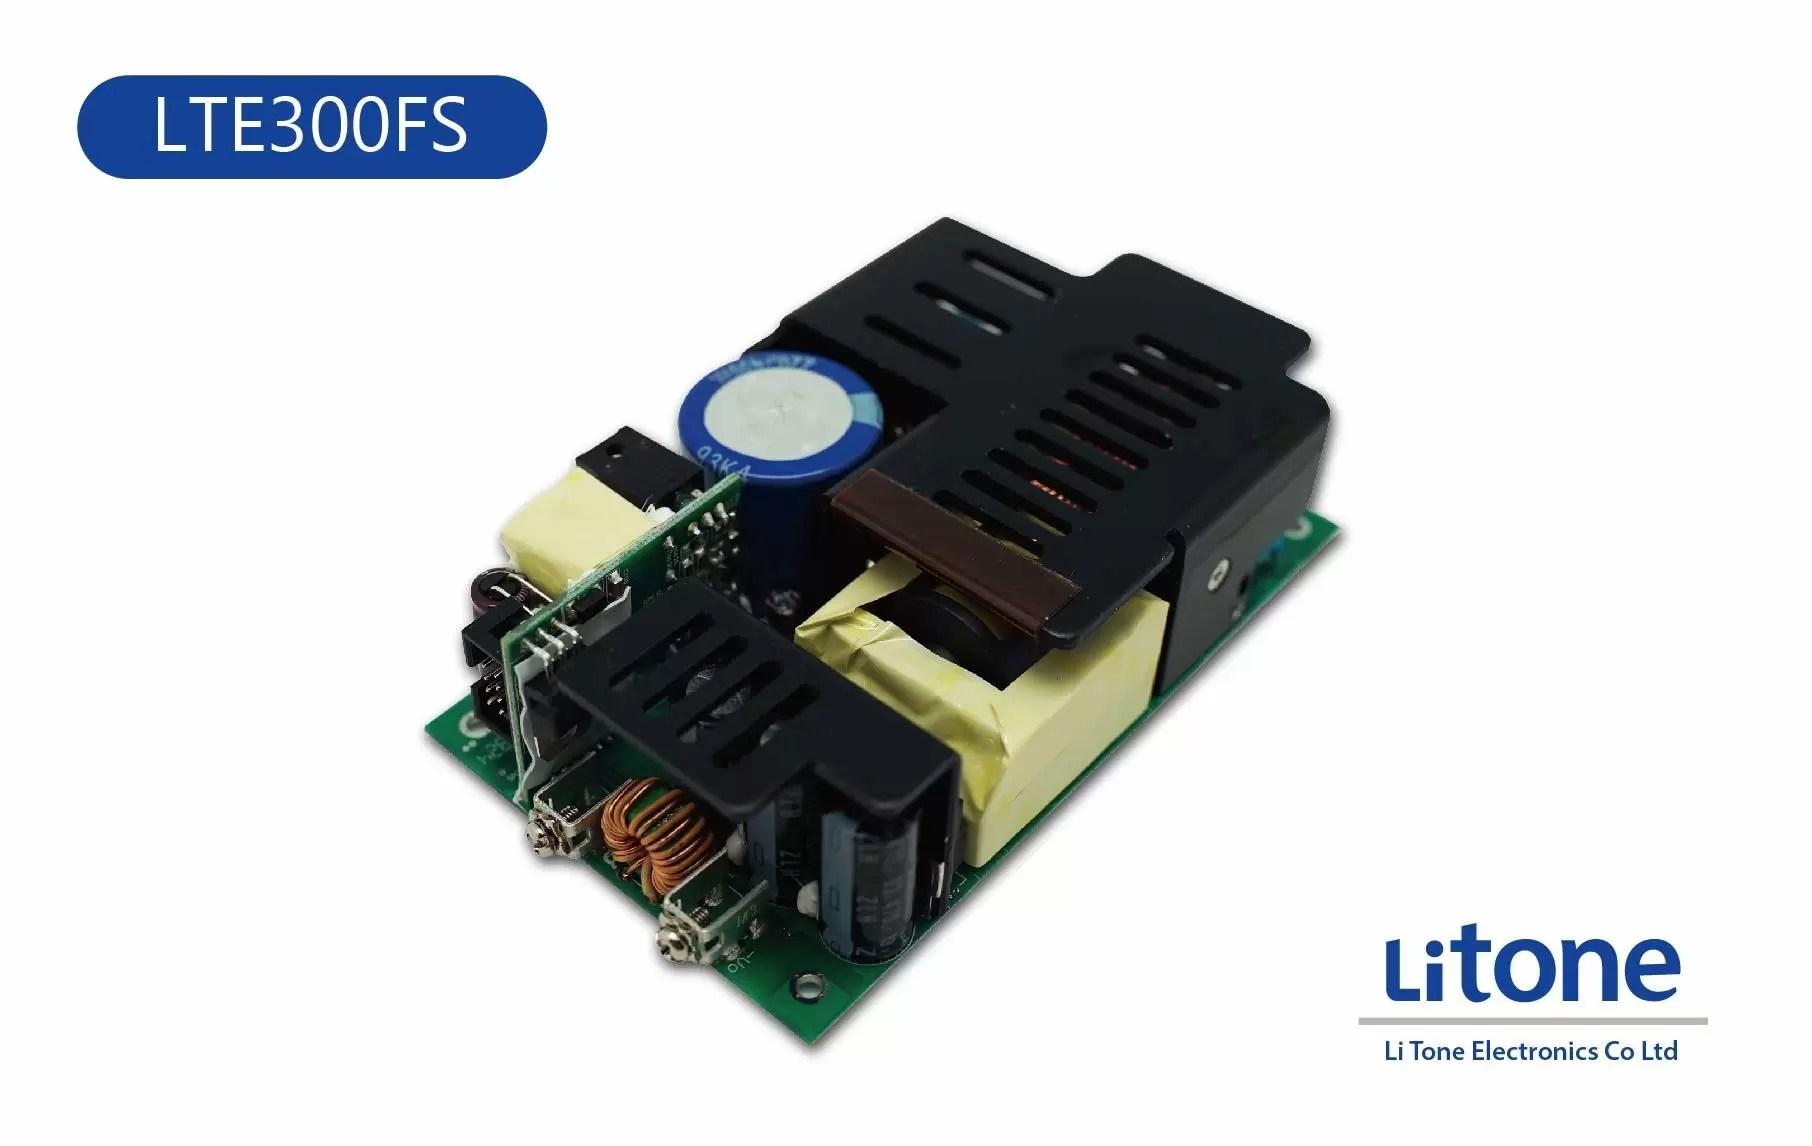 300W 電源供應器   高靈敏磁性元件和交換式電源製造商   力英電子股份有限公司